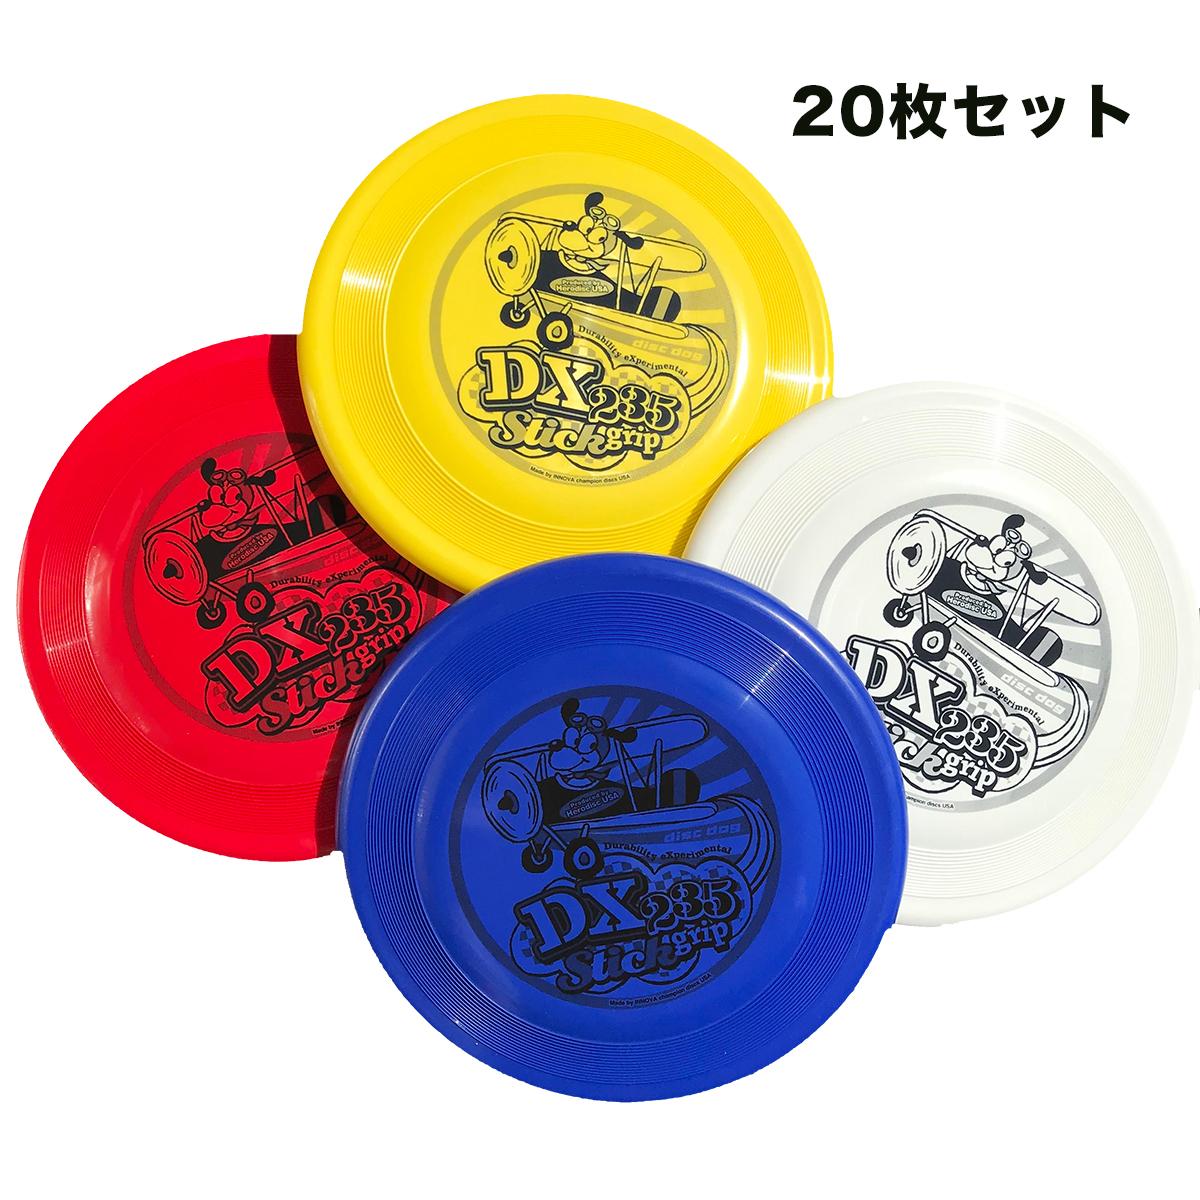 Hero DX 235 Stick grip 20枚セット